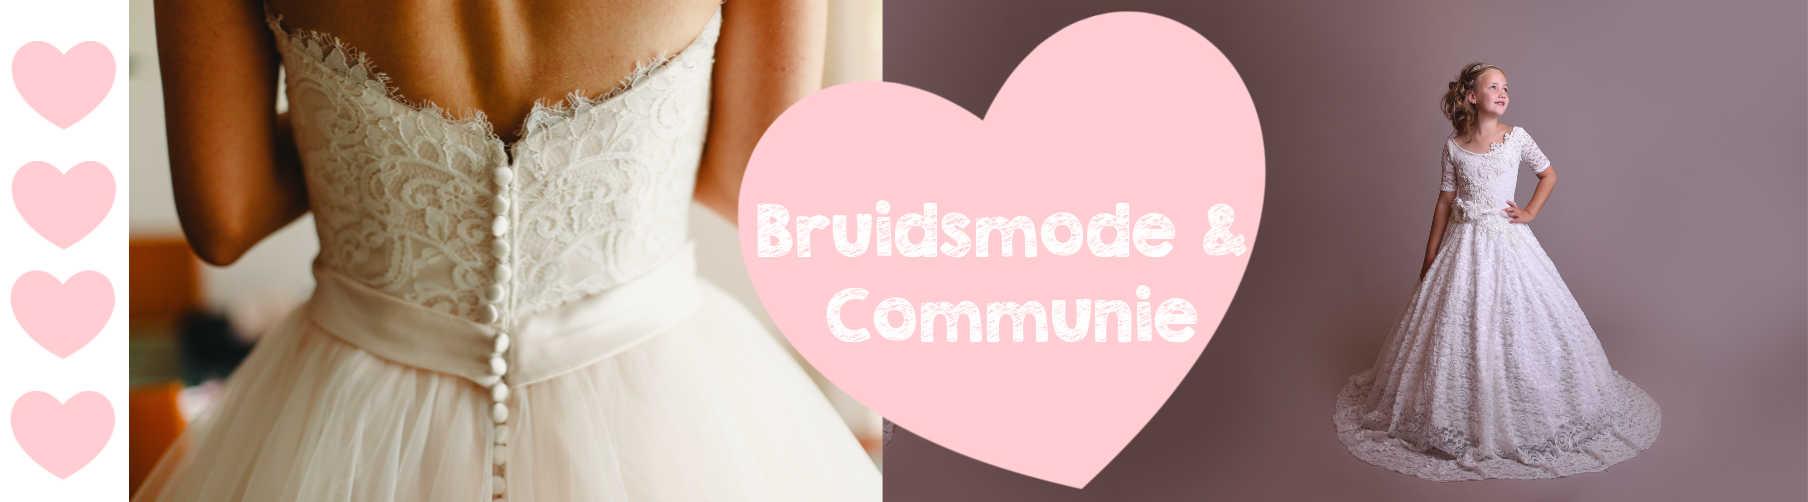 bruidsmode en communie